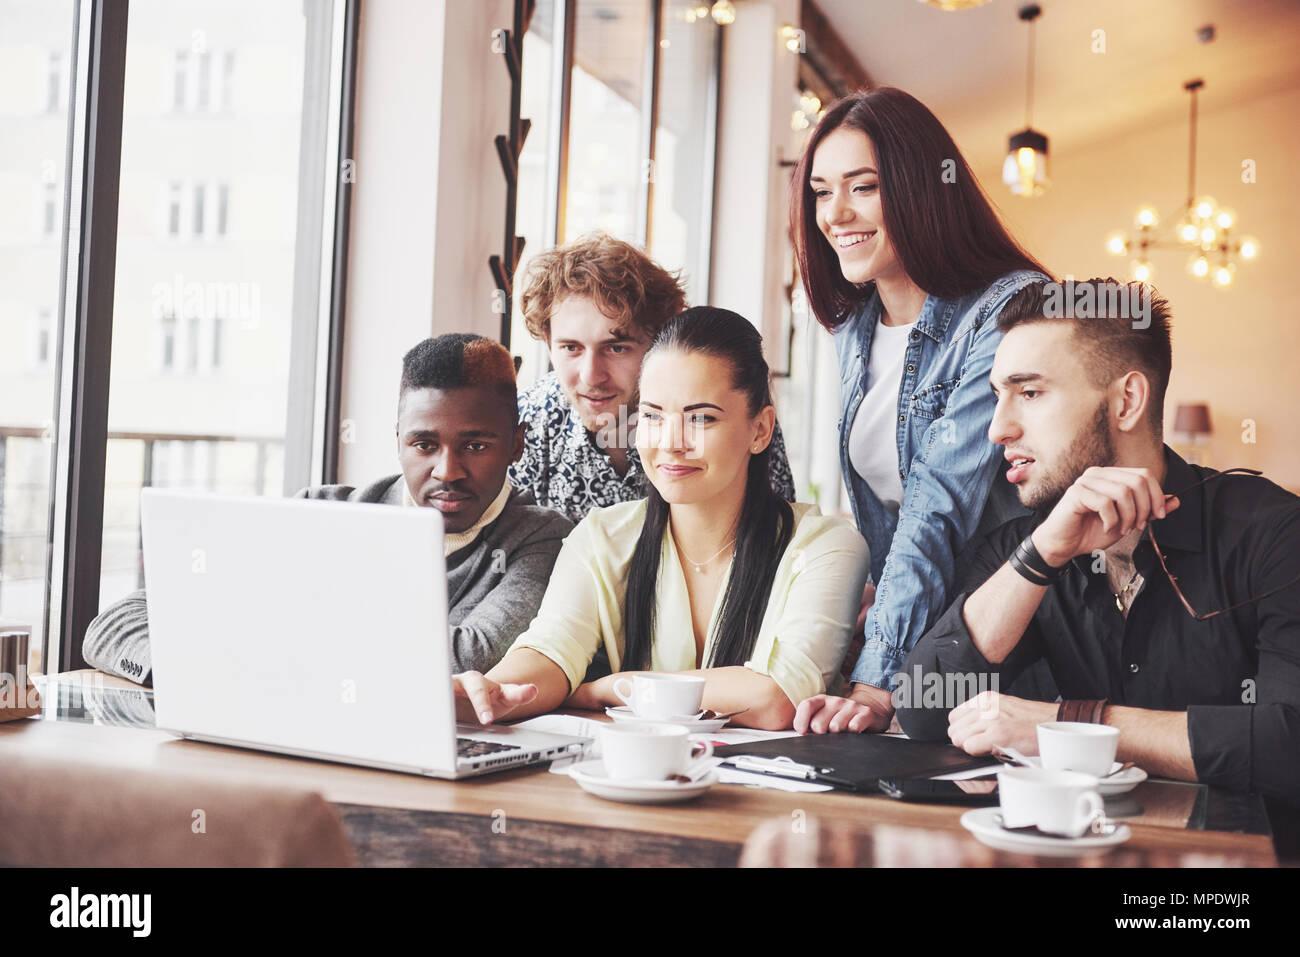 Multi etnico persone business, imprenditore, azienda, small business concetto, donna che mostra i colleghi qualcosa sul computer portatile come si raduna attorno a un tavolo da conferenza Immagini Stock